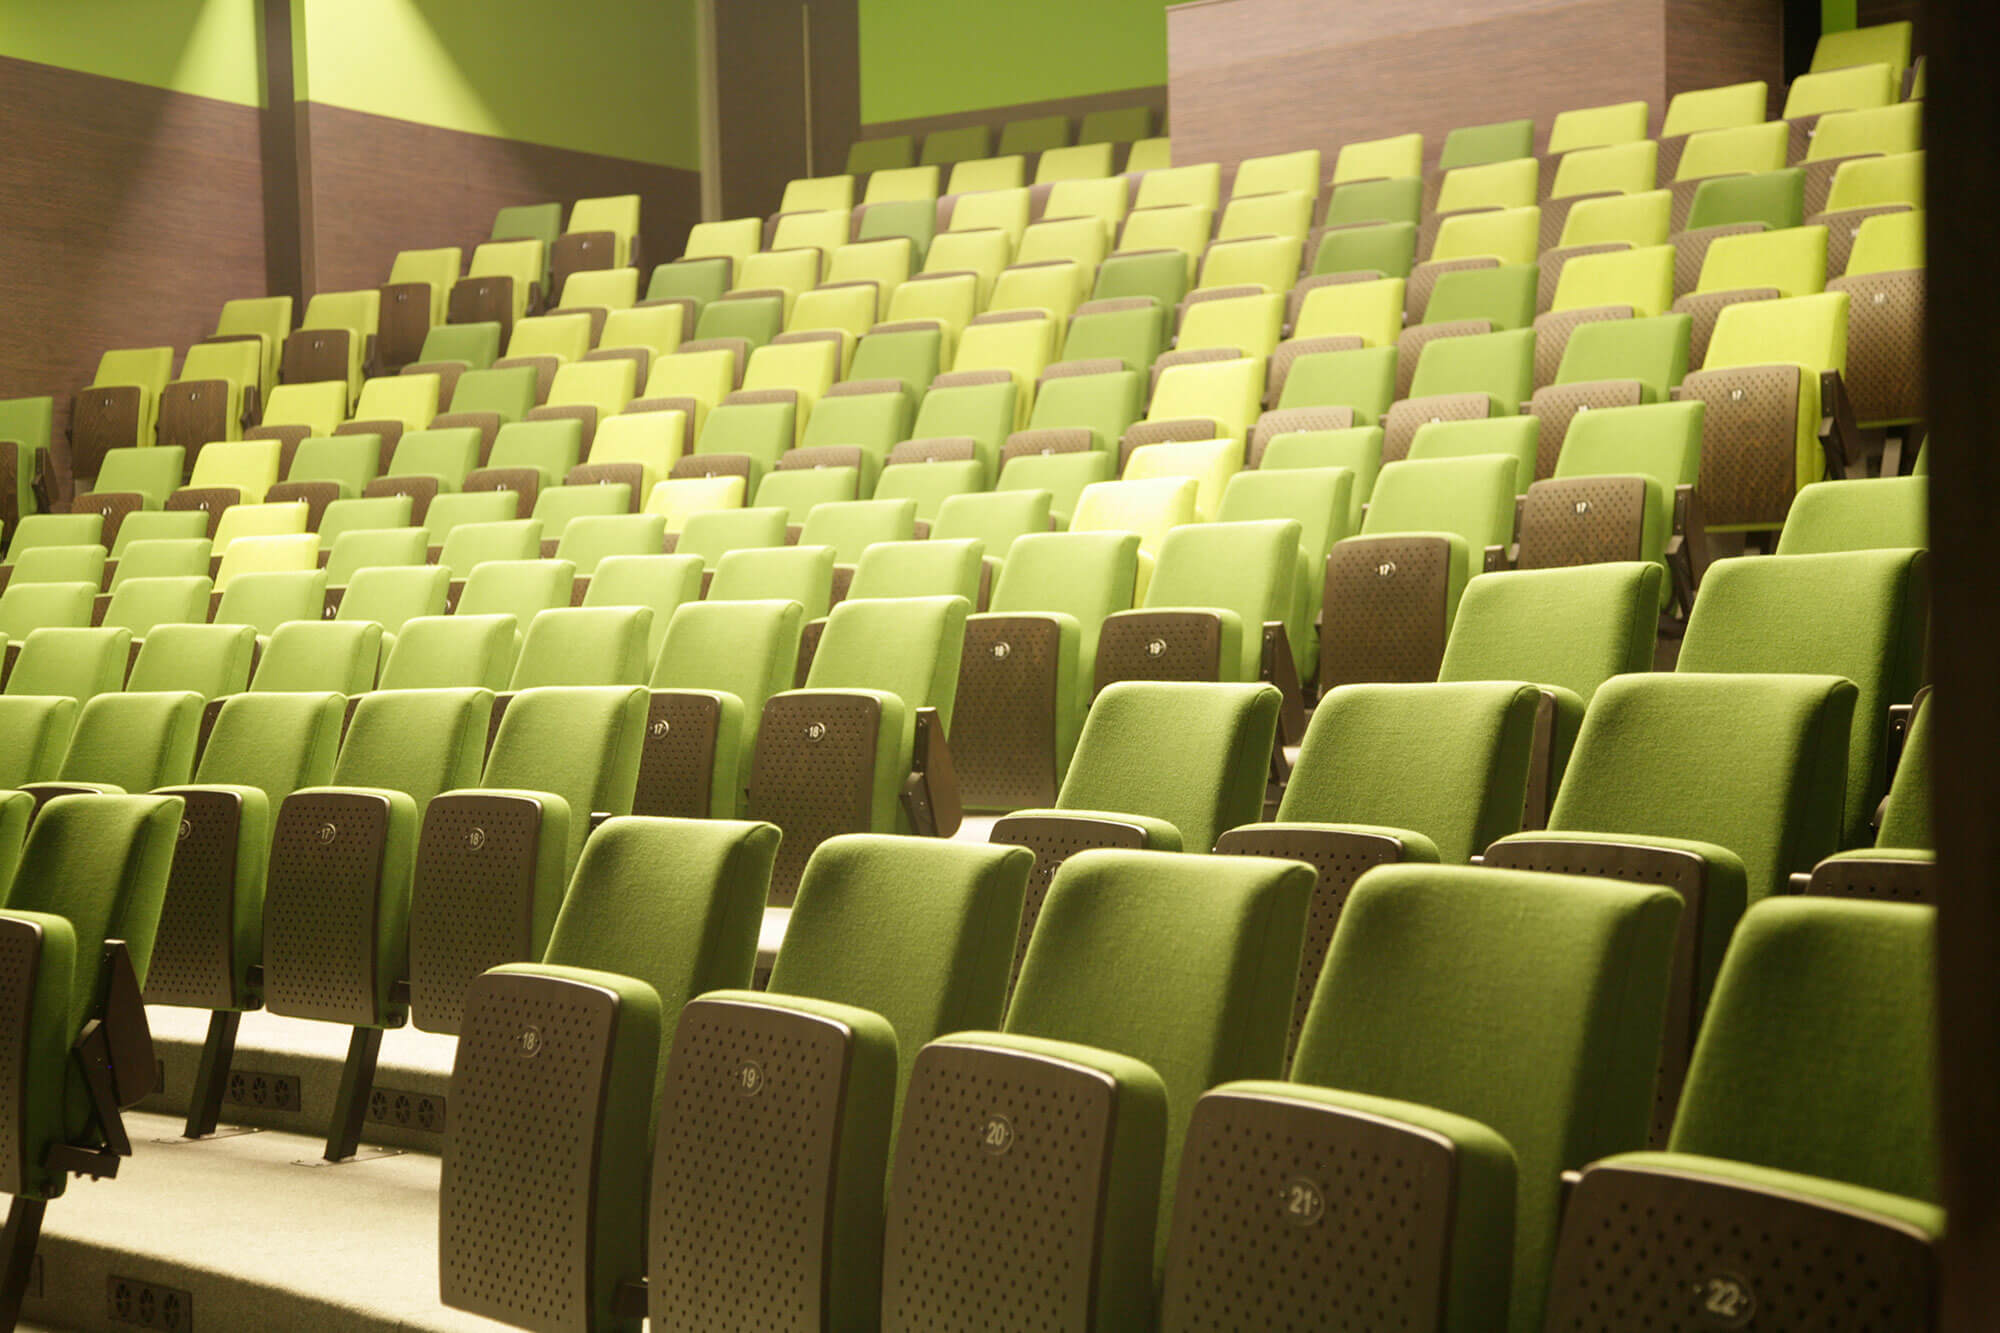 Door schakeringen in de groene kleur van de zetels wordt er een dynamisch beeld in de zaal gecreëerd.